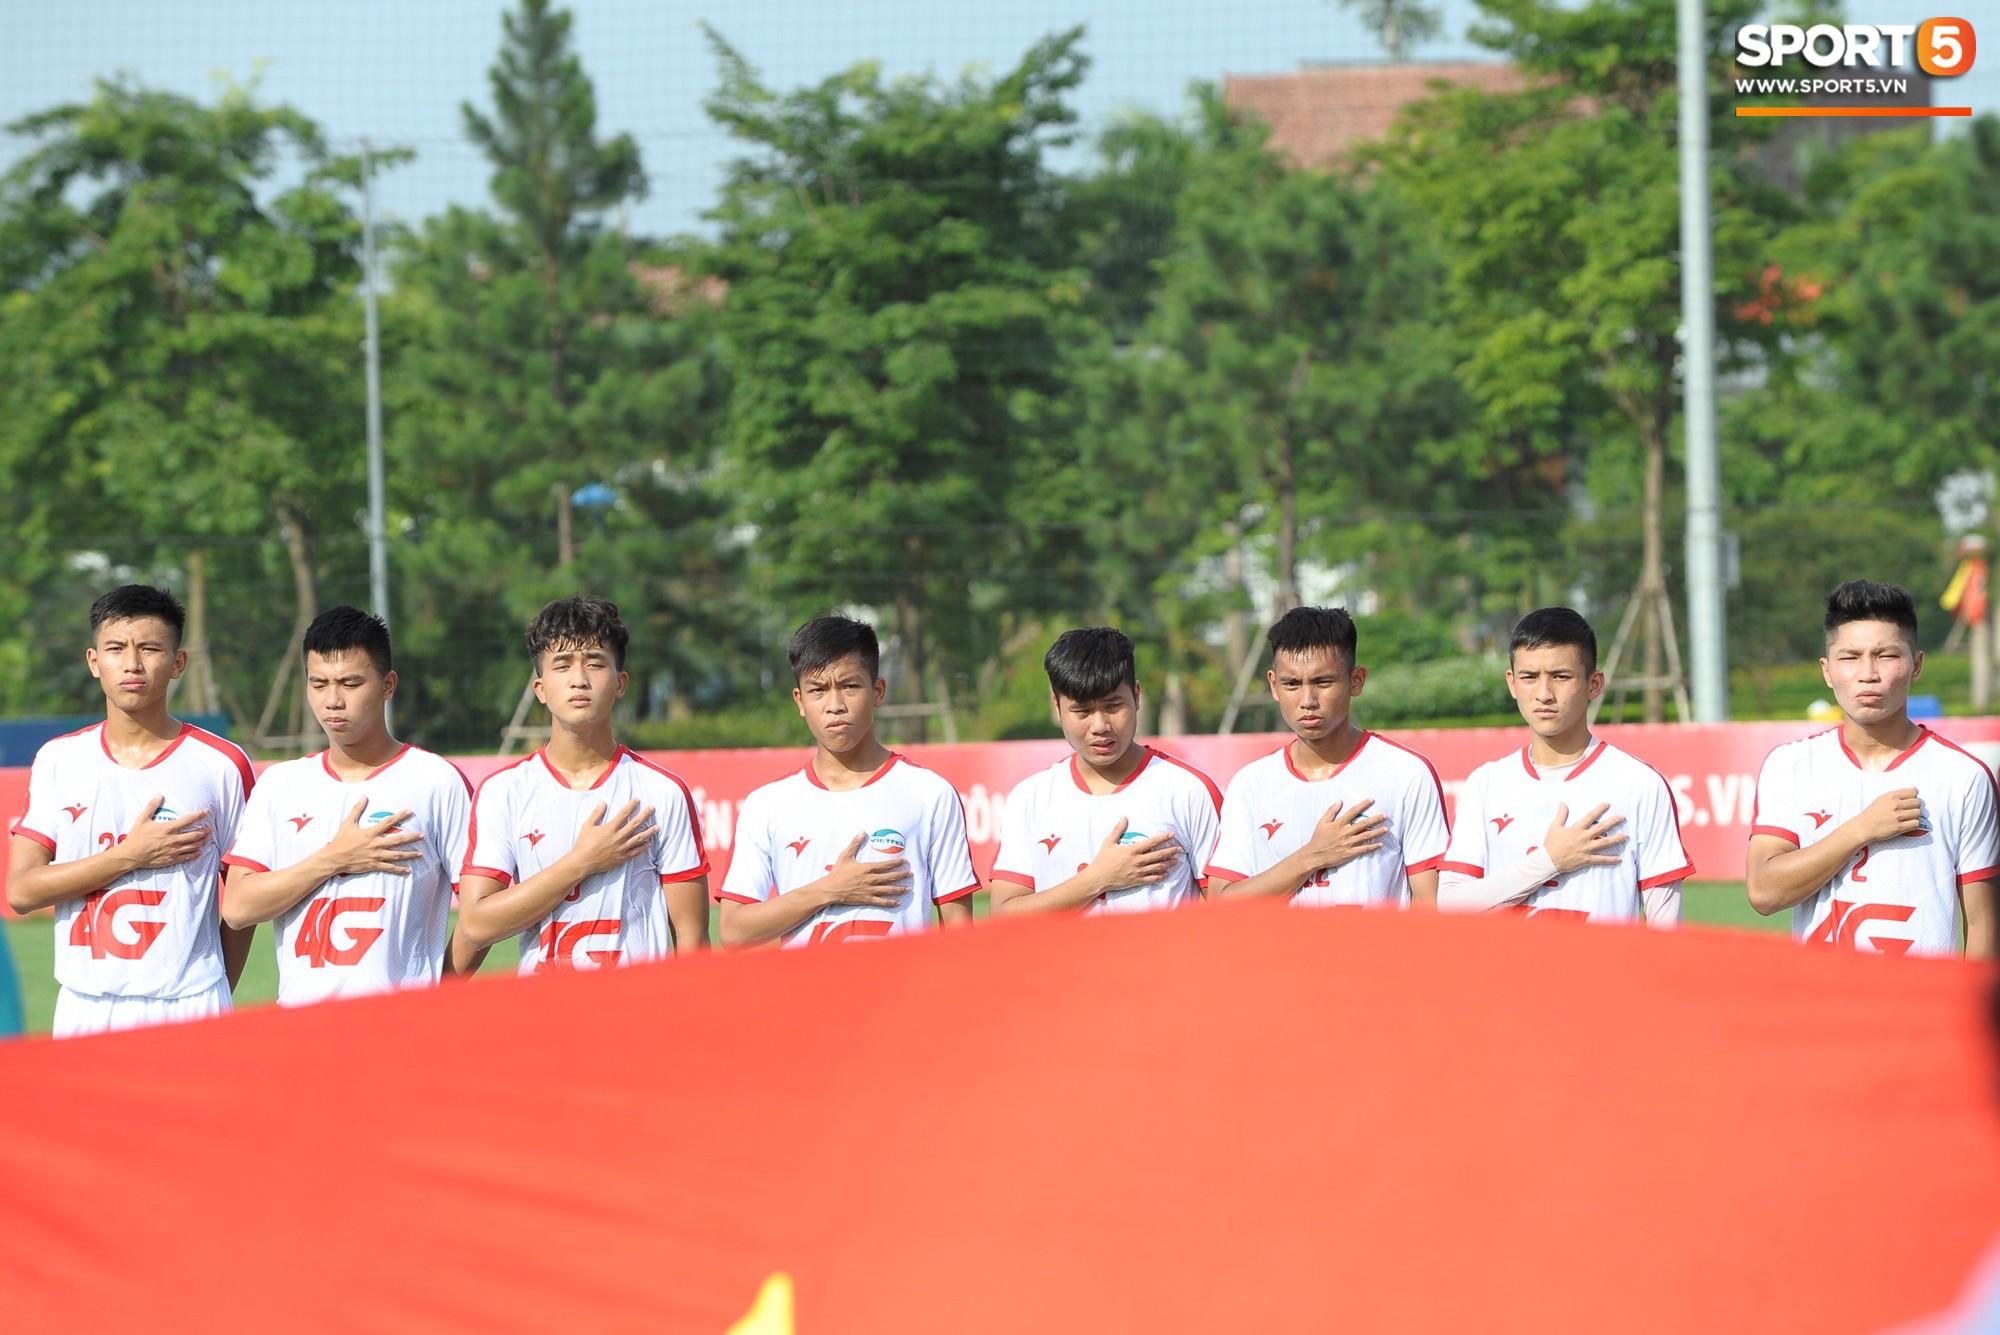 Sao trẻ U23 lập công, Viettel để Phố Hiến cầm hòa 1-1 trong ngày khai mạc giải U21 Quốc gia - Ảnh 1.